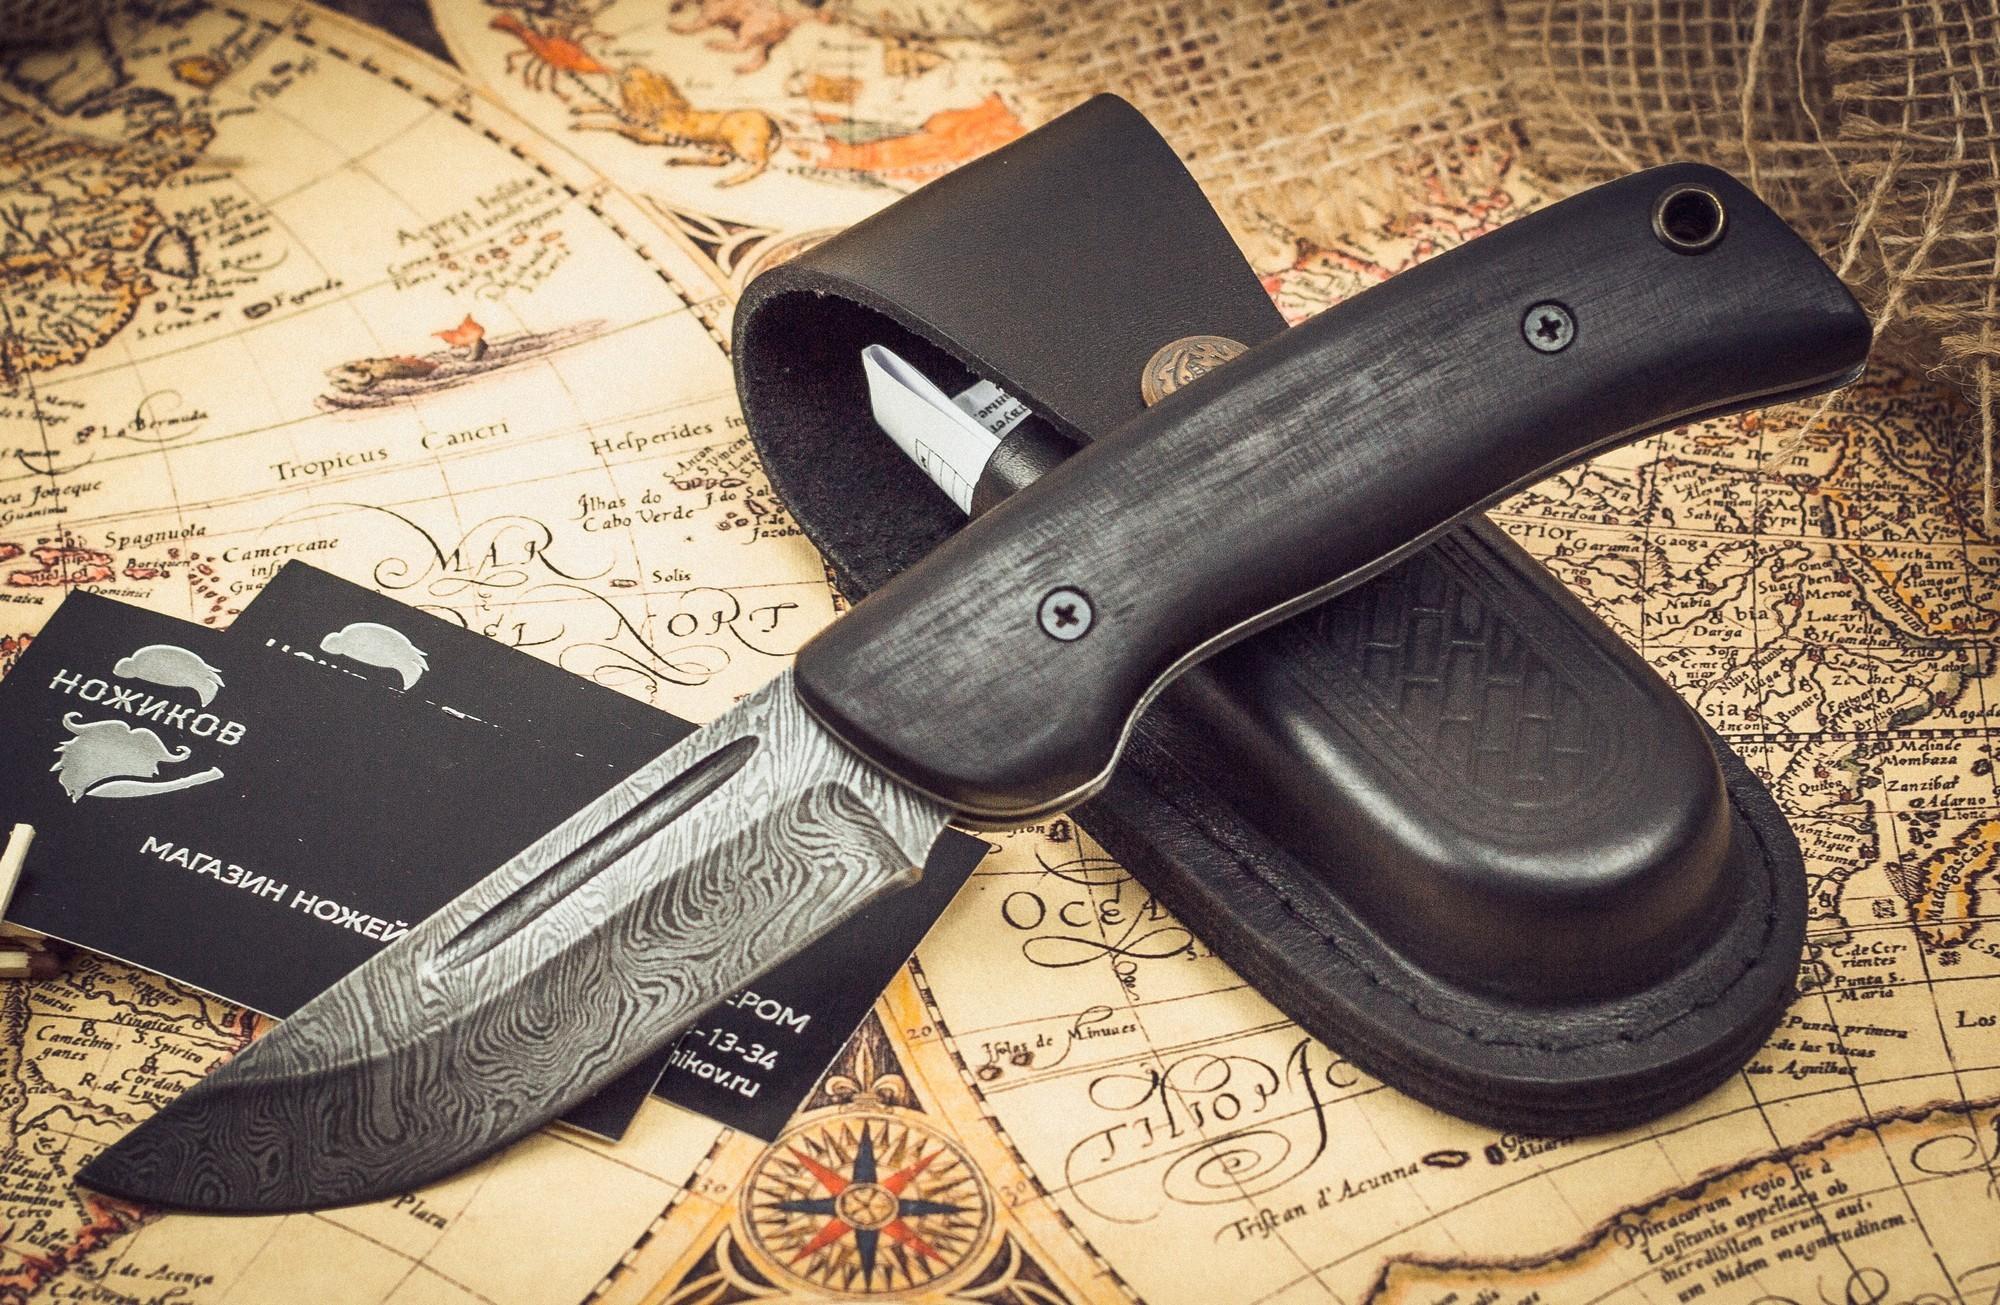 Фото 8 - Складной нож Морвин, дамаск, граб от Марычев